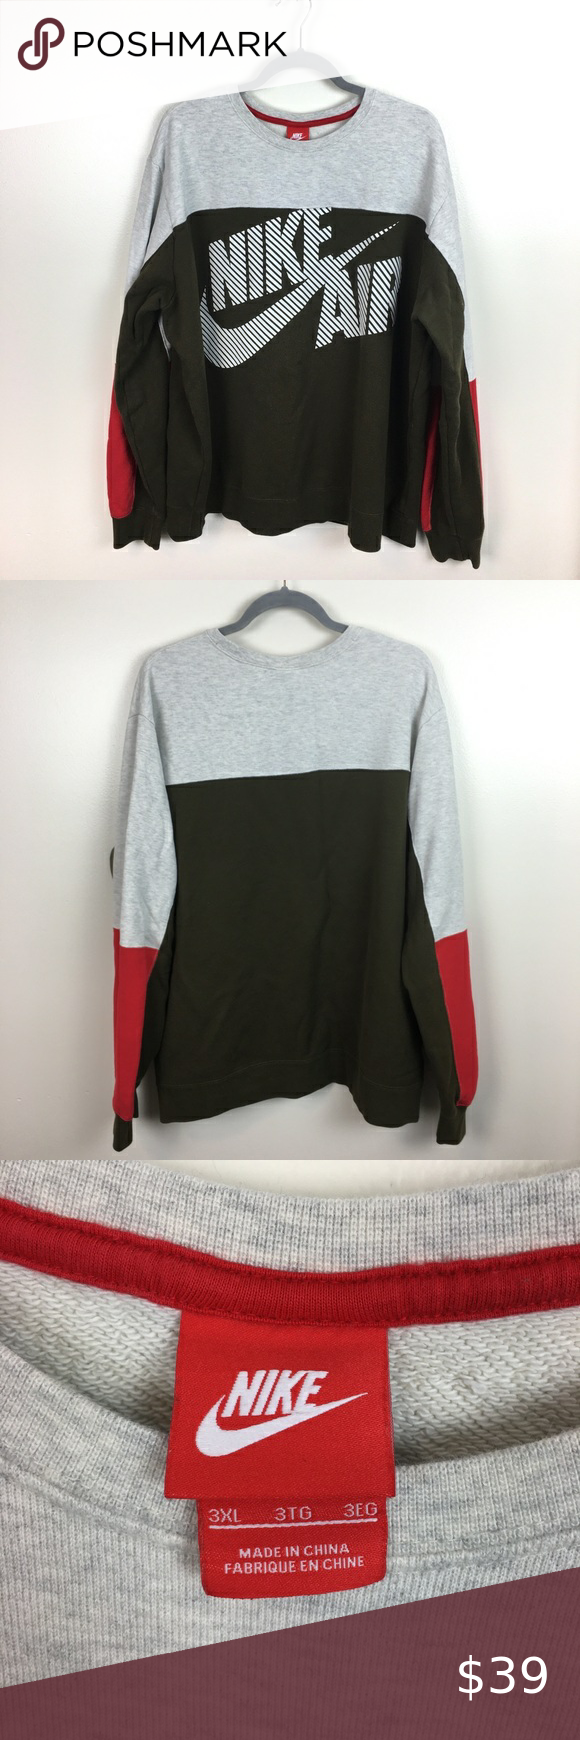 Nike Air Men S Color Block Crewneck Sweatshirt Sweatshirts Crew Neck Sweatshirt Color Block [ 1740 x 580 Pixel ]